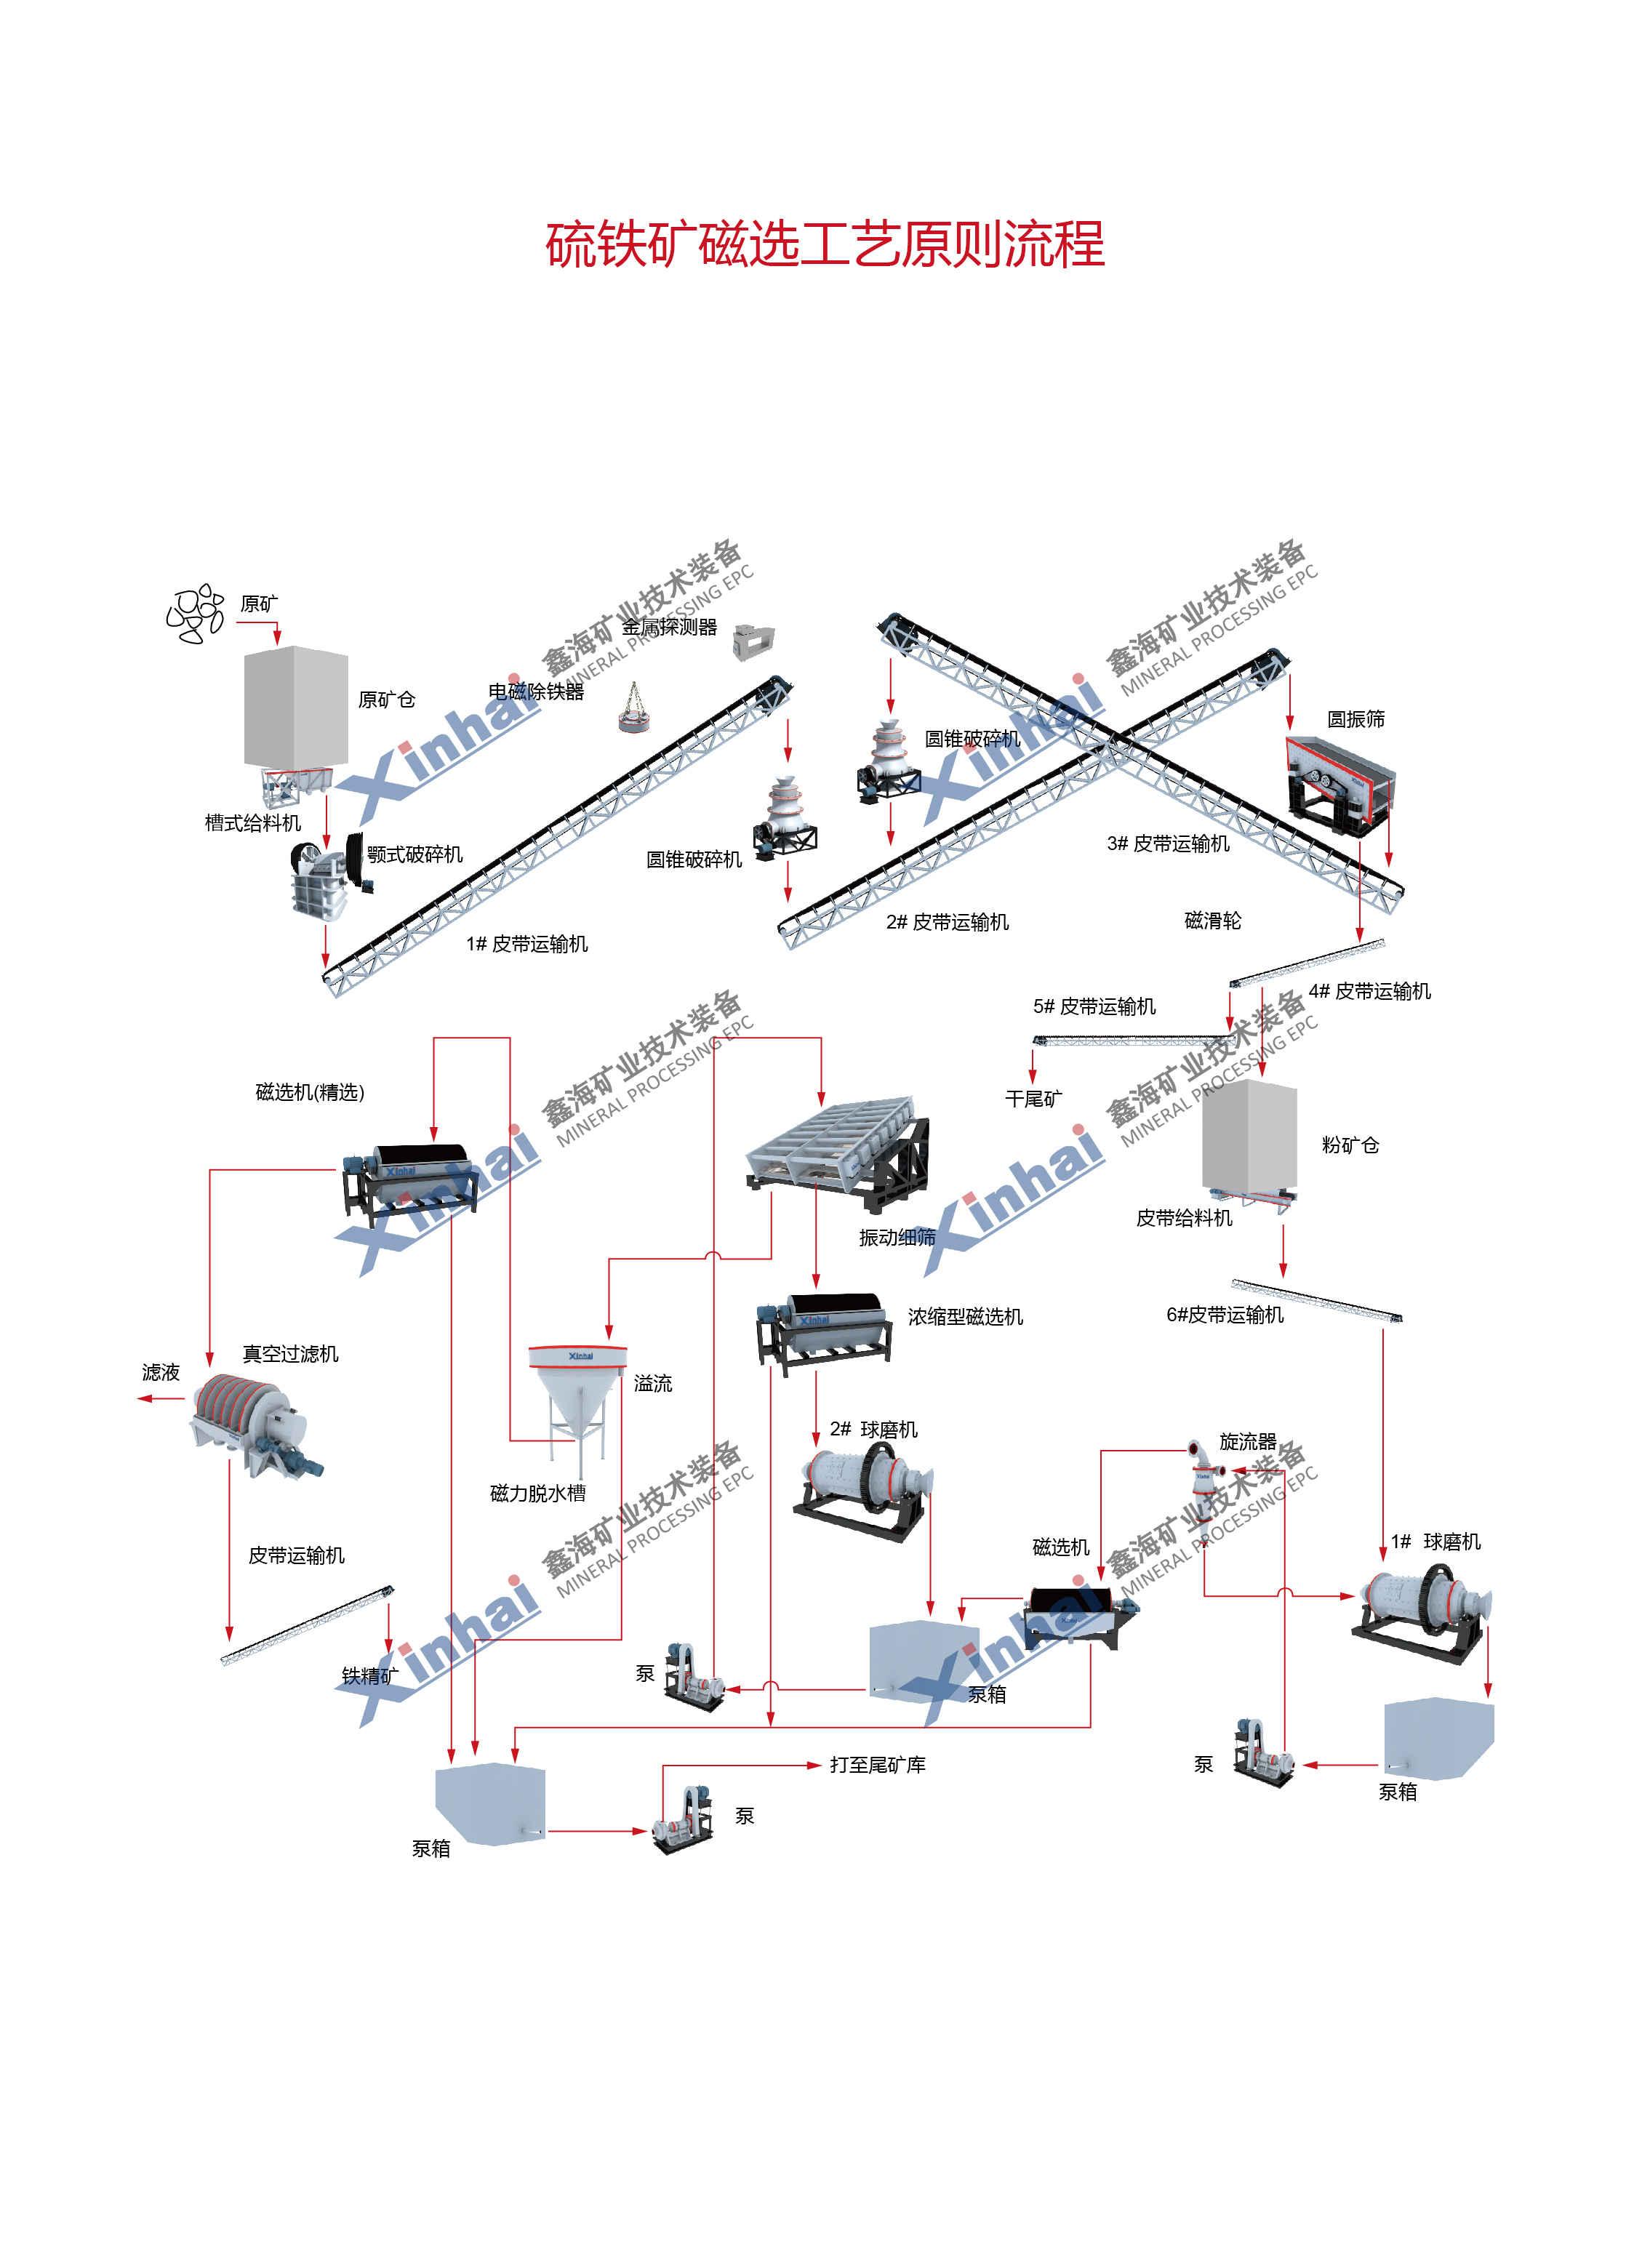 硫铁矿工艺流程图